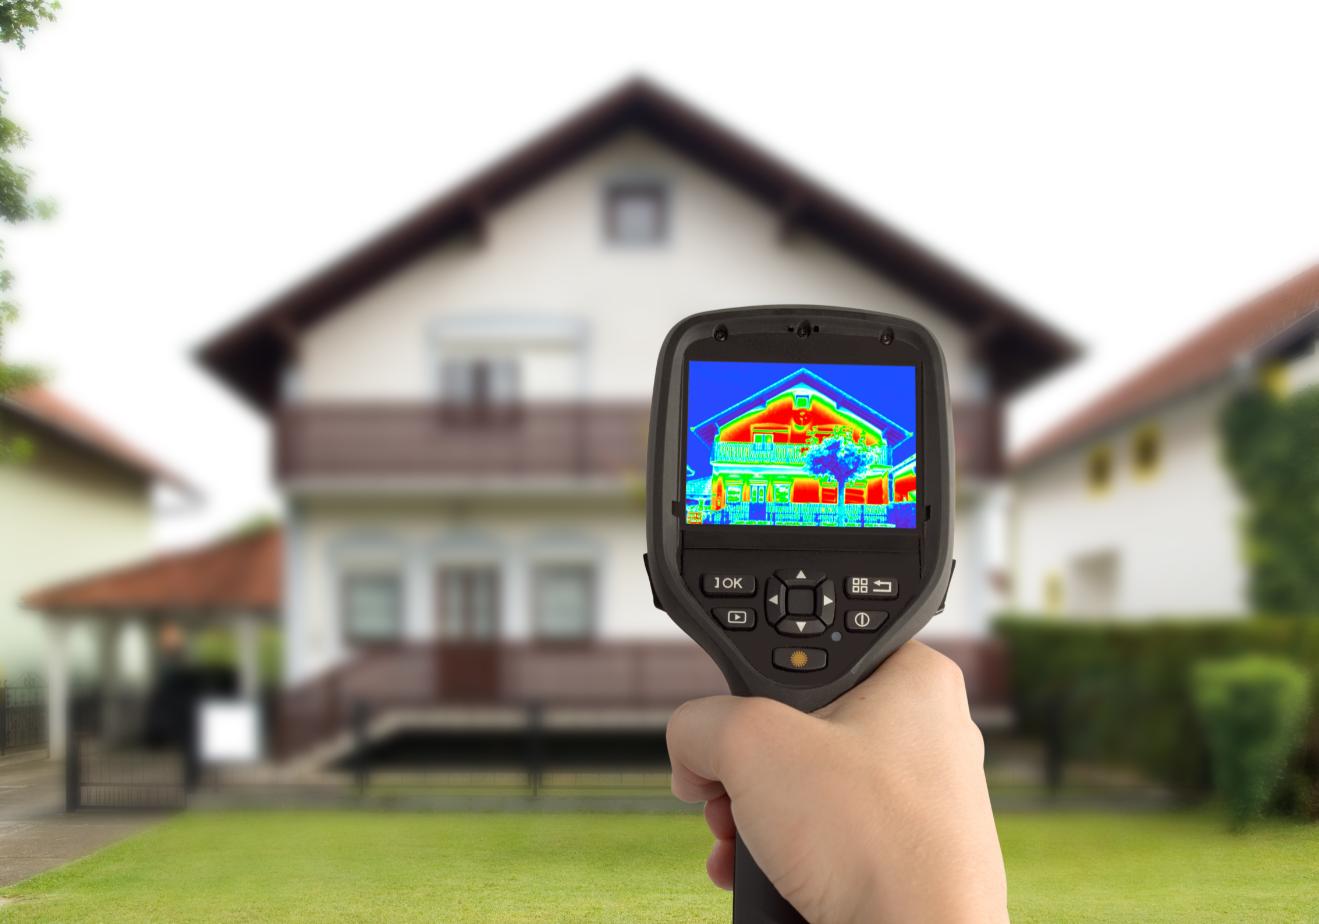 Ocieplanie domu od wewnątrz - mapa ciepła domu